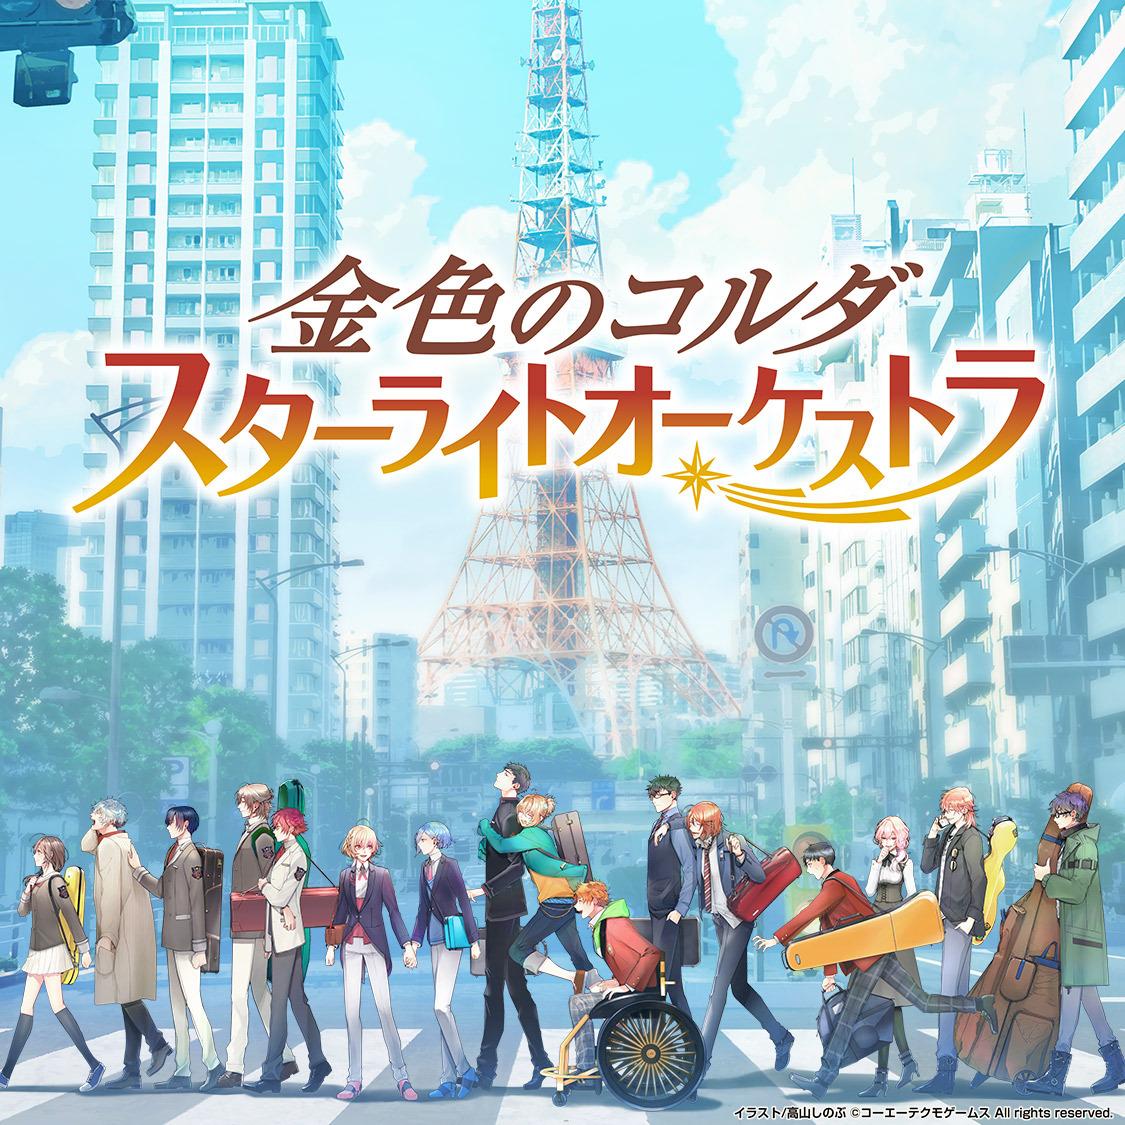 スター ライト オーケストラ アプリ『金色のコルダ スターライトオーケストラ』サービス開始!